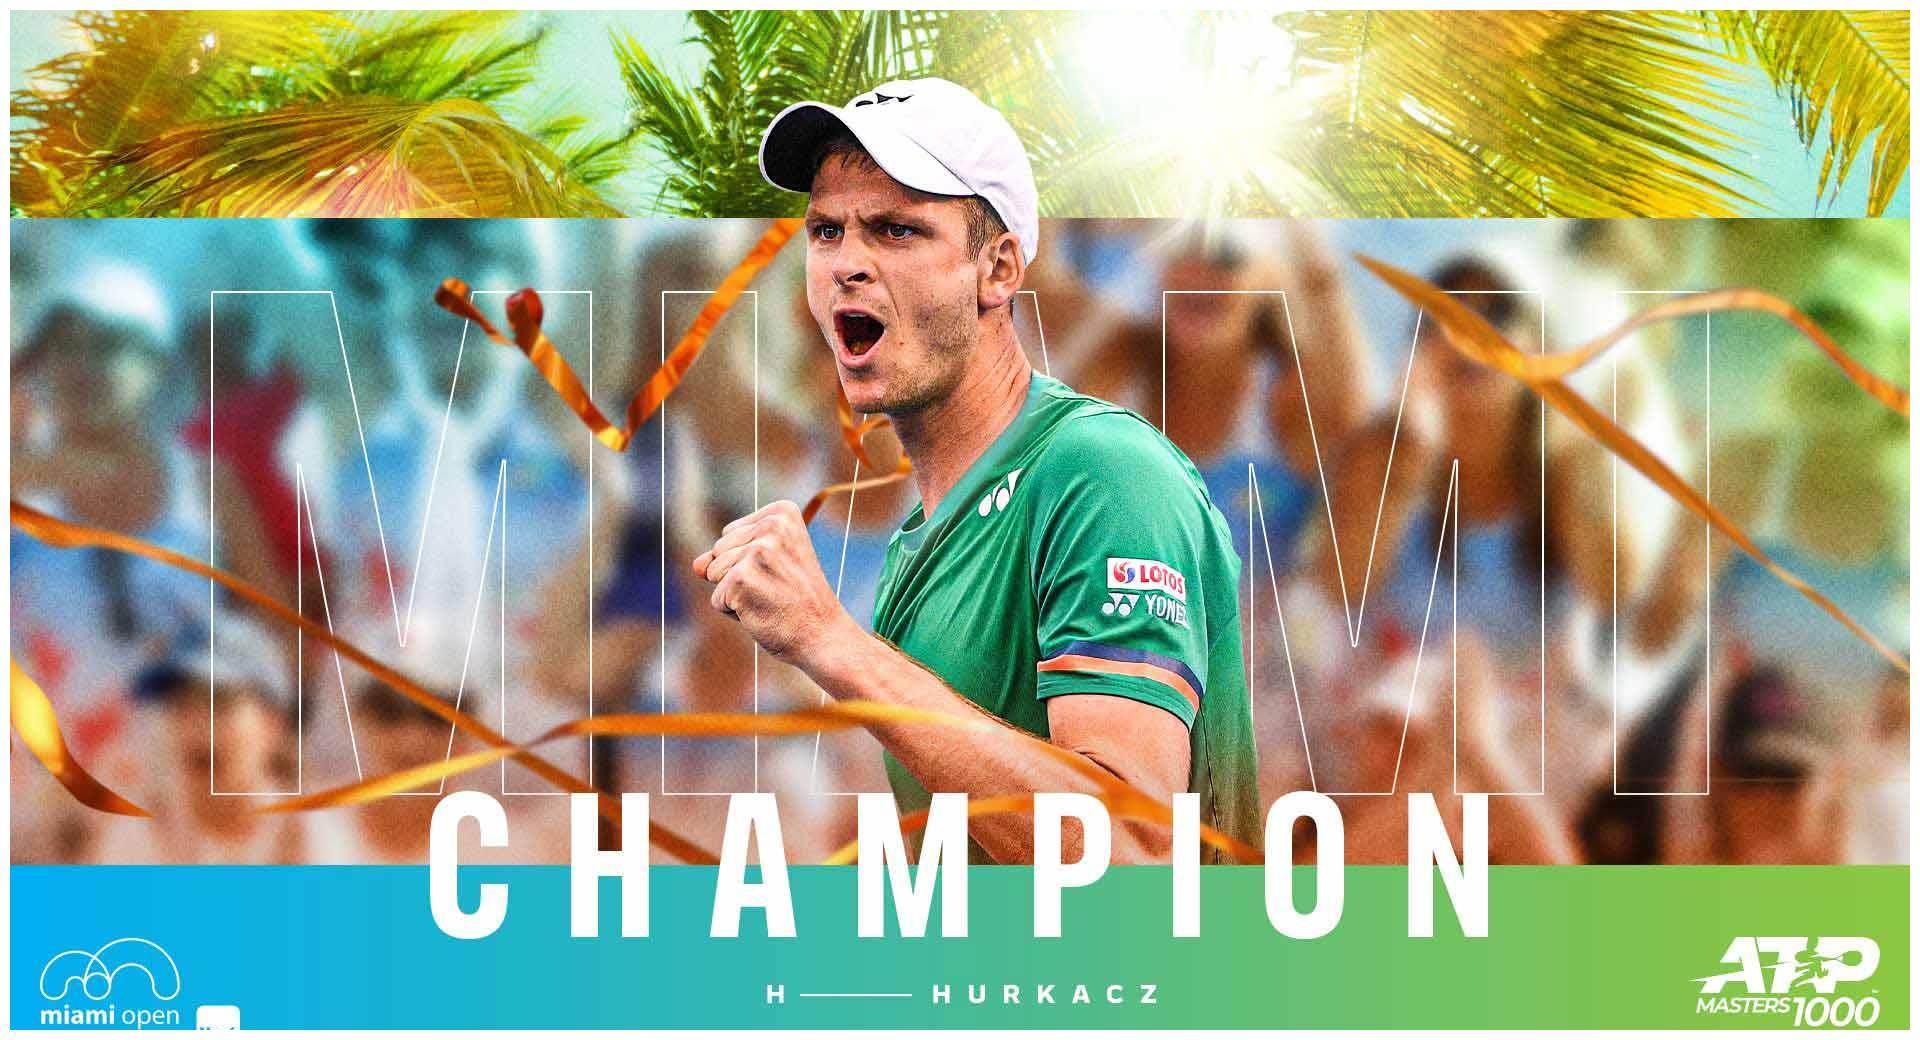 胡尔卡奇斩获迈阿密大师赛冠军!ATP正式迈向红土赛季